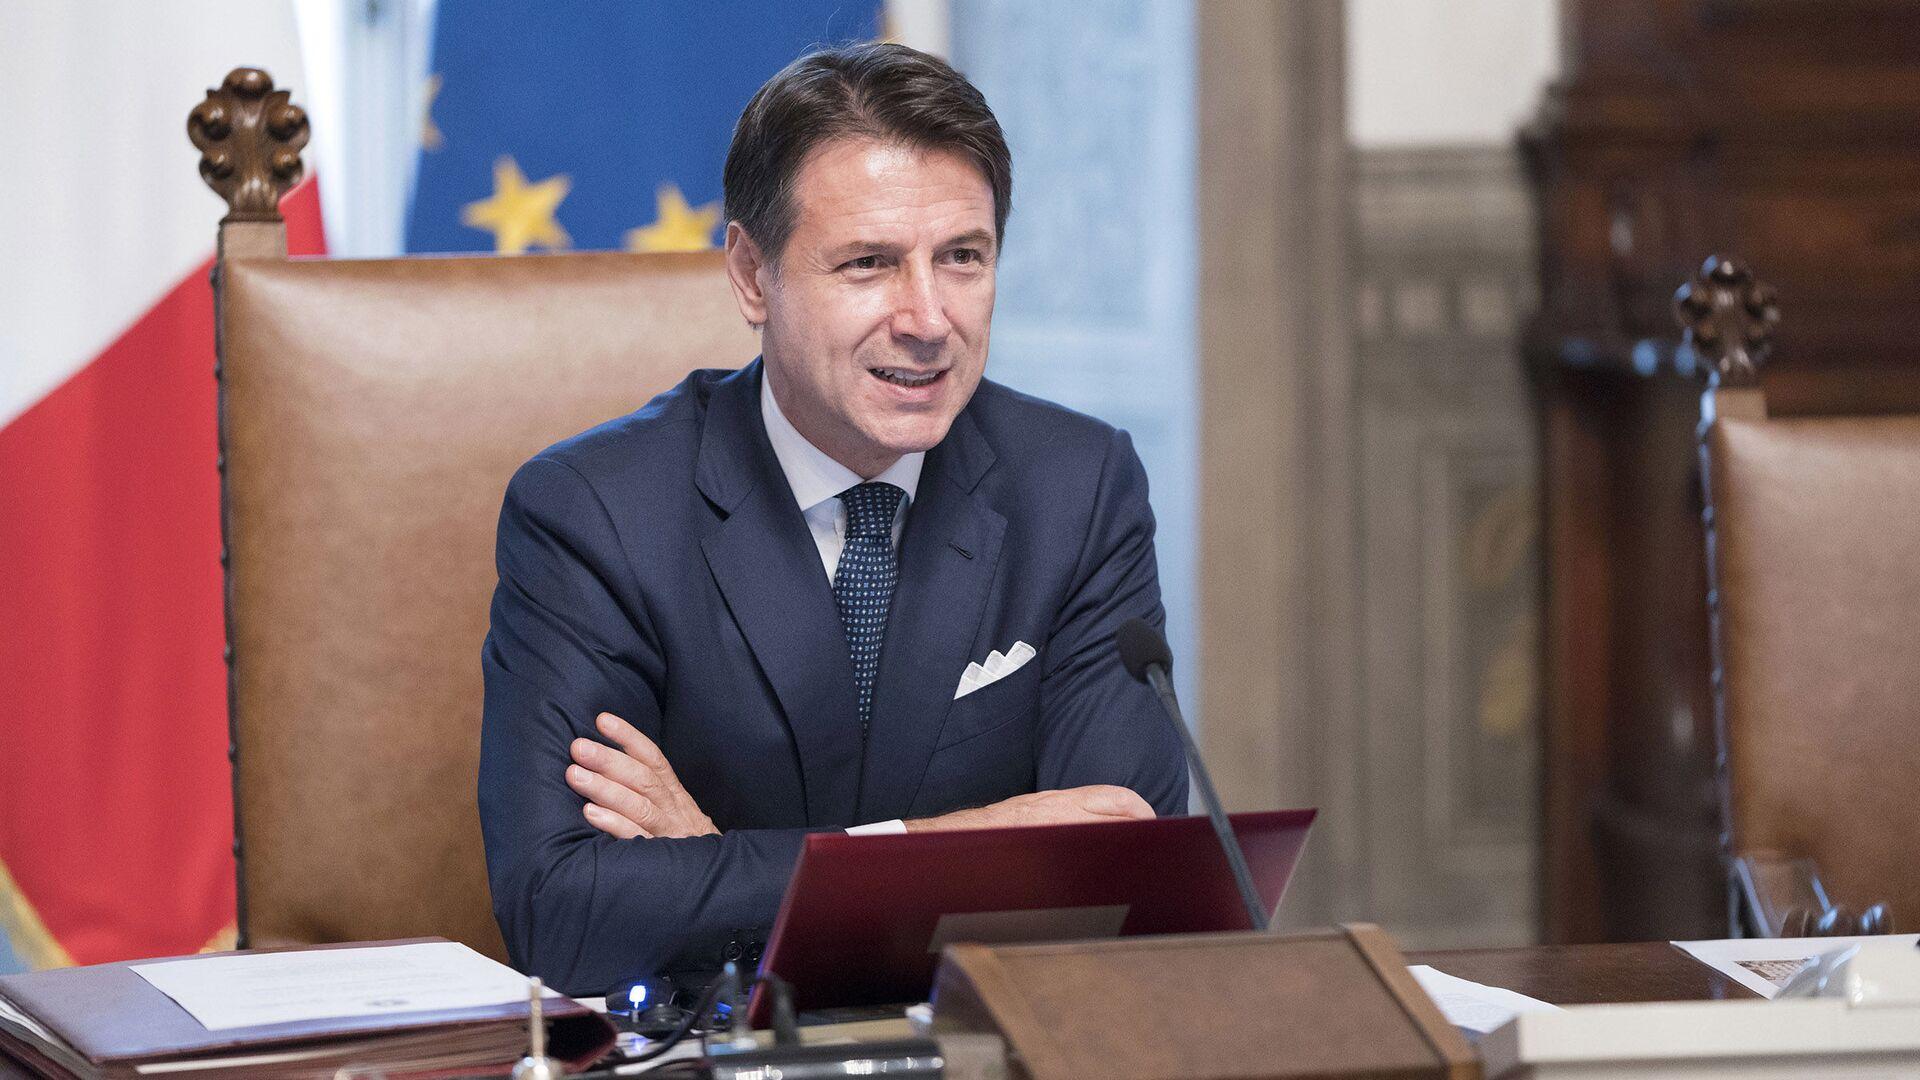 Riunione del primo Consiglio dei Ministri, Il Presidente del Consiglio, Giuseppe Conte. - Sputnik Italia, 1920, 27.09.2021